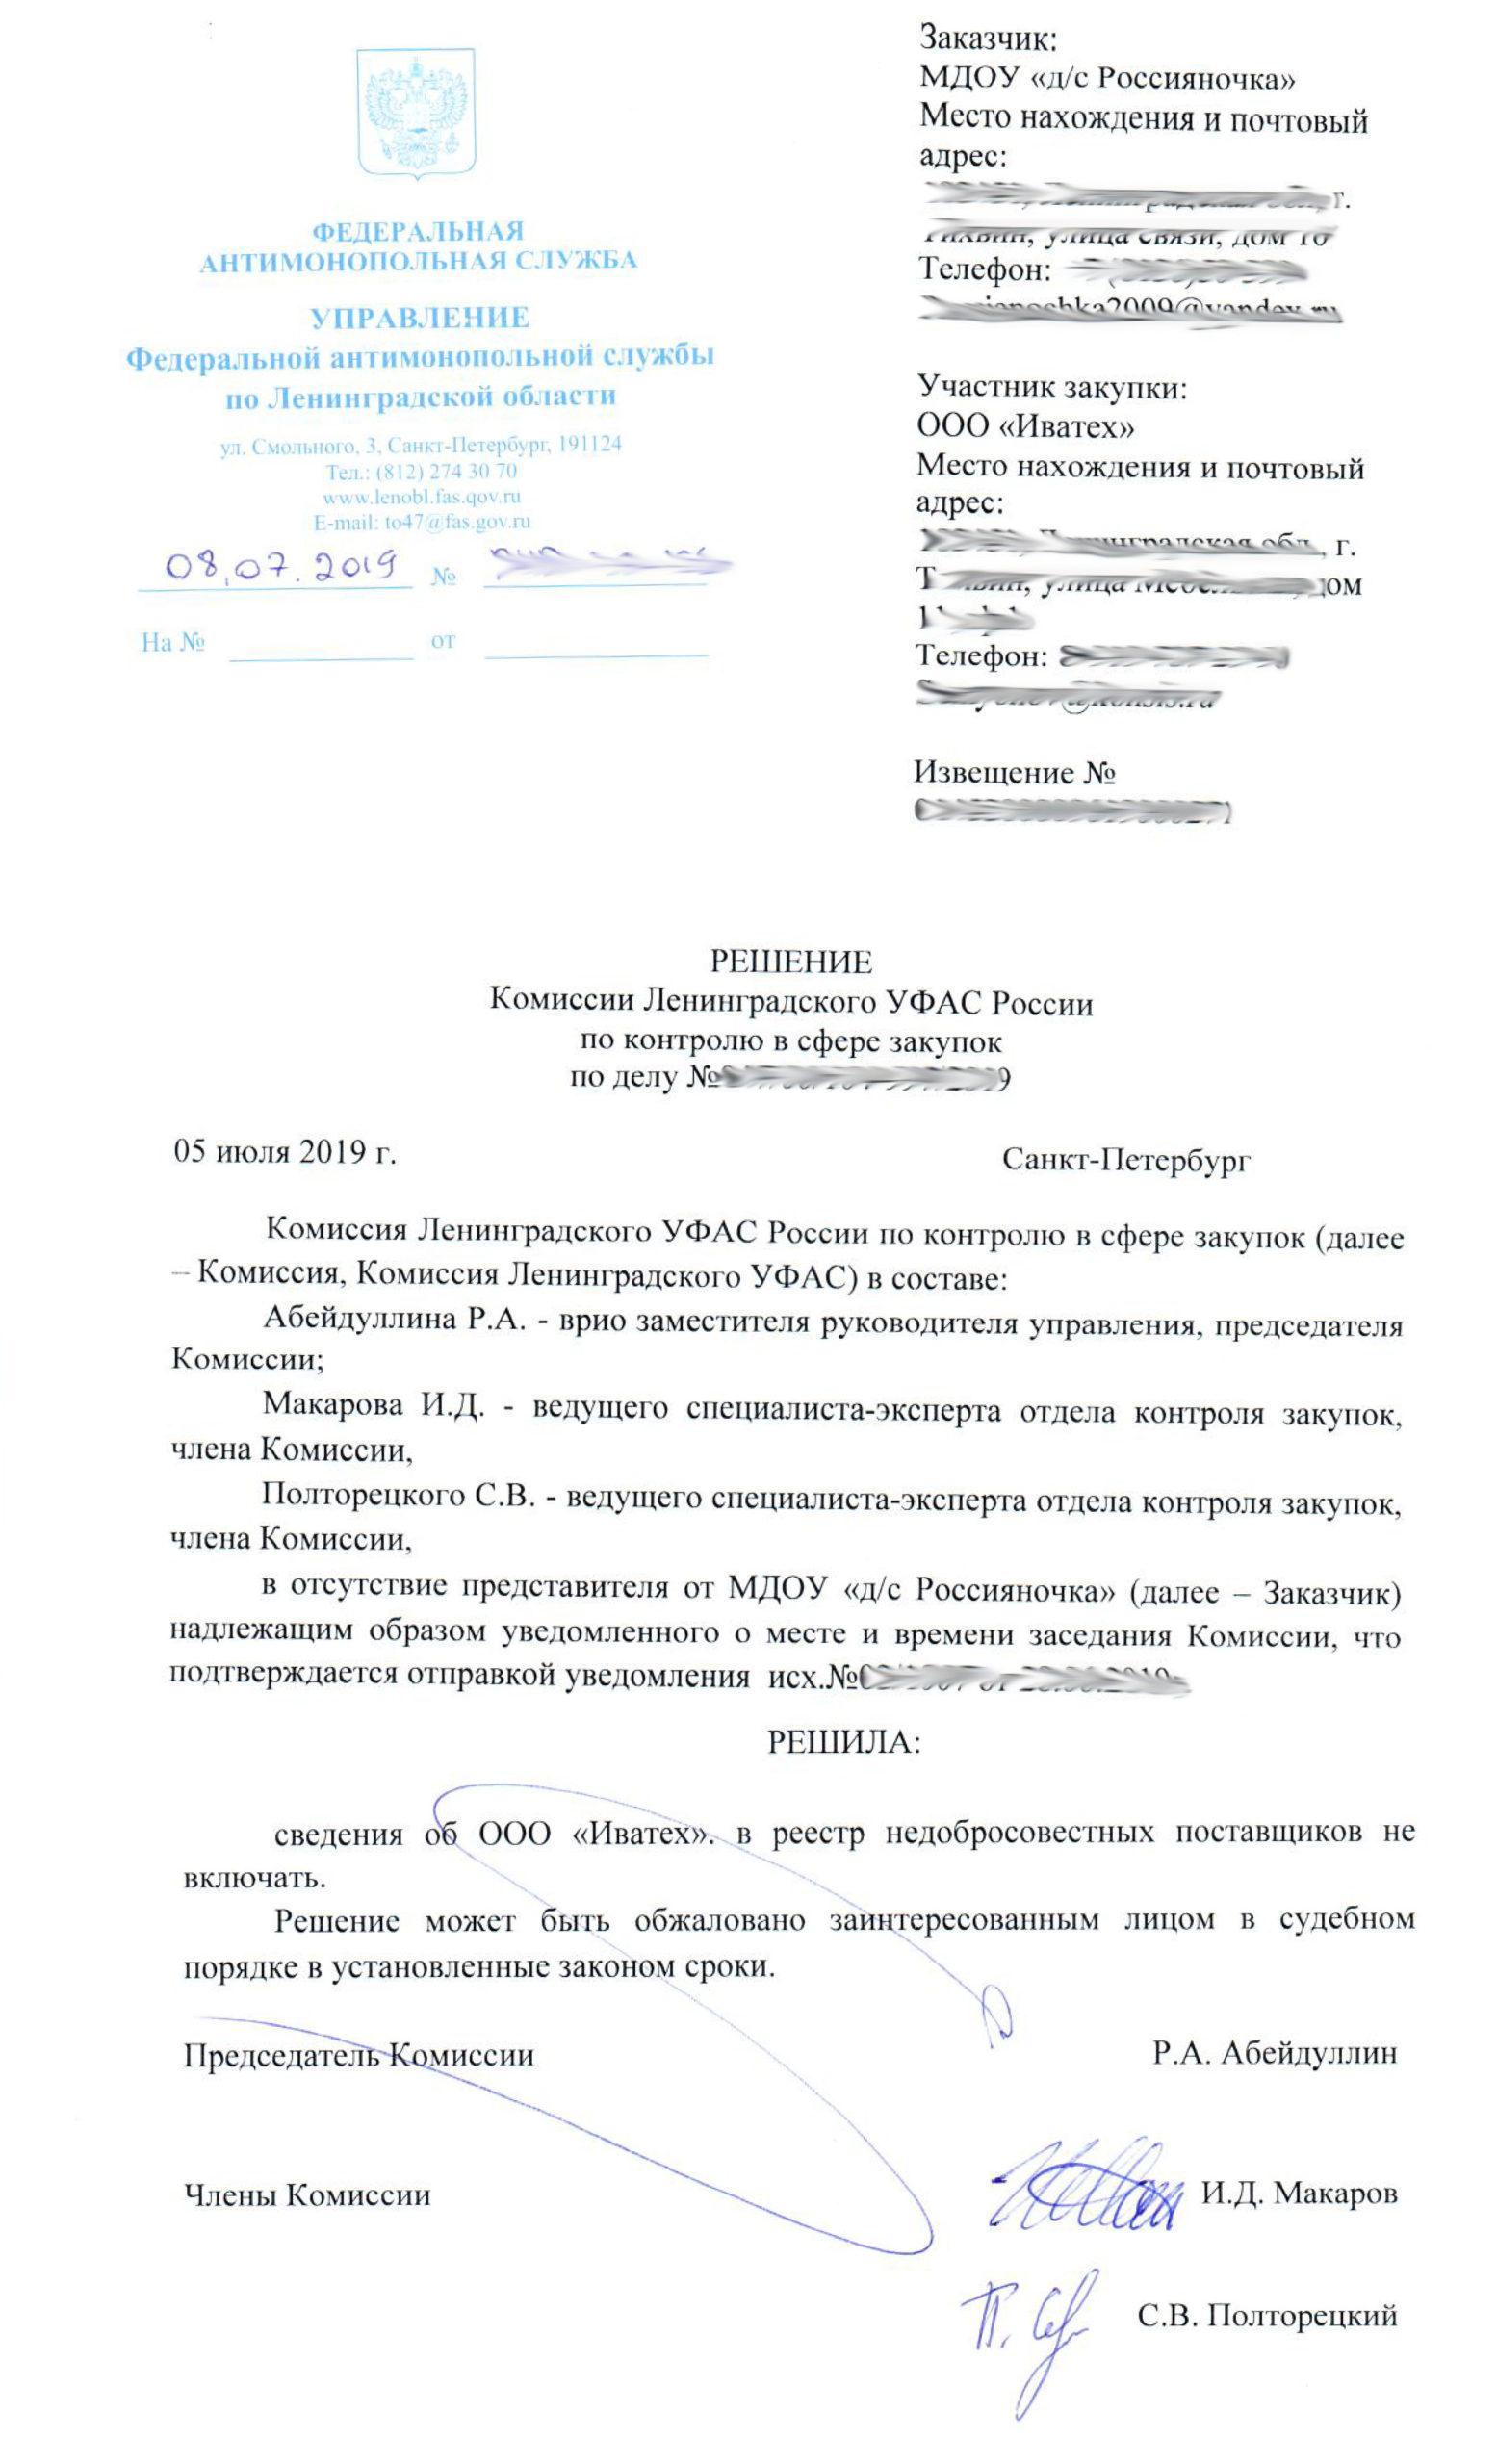 УФАС Ленинградской области Иватех